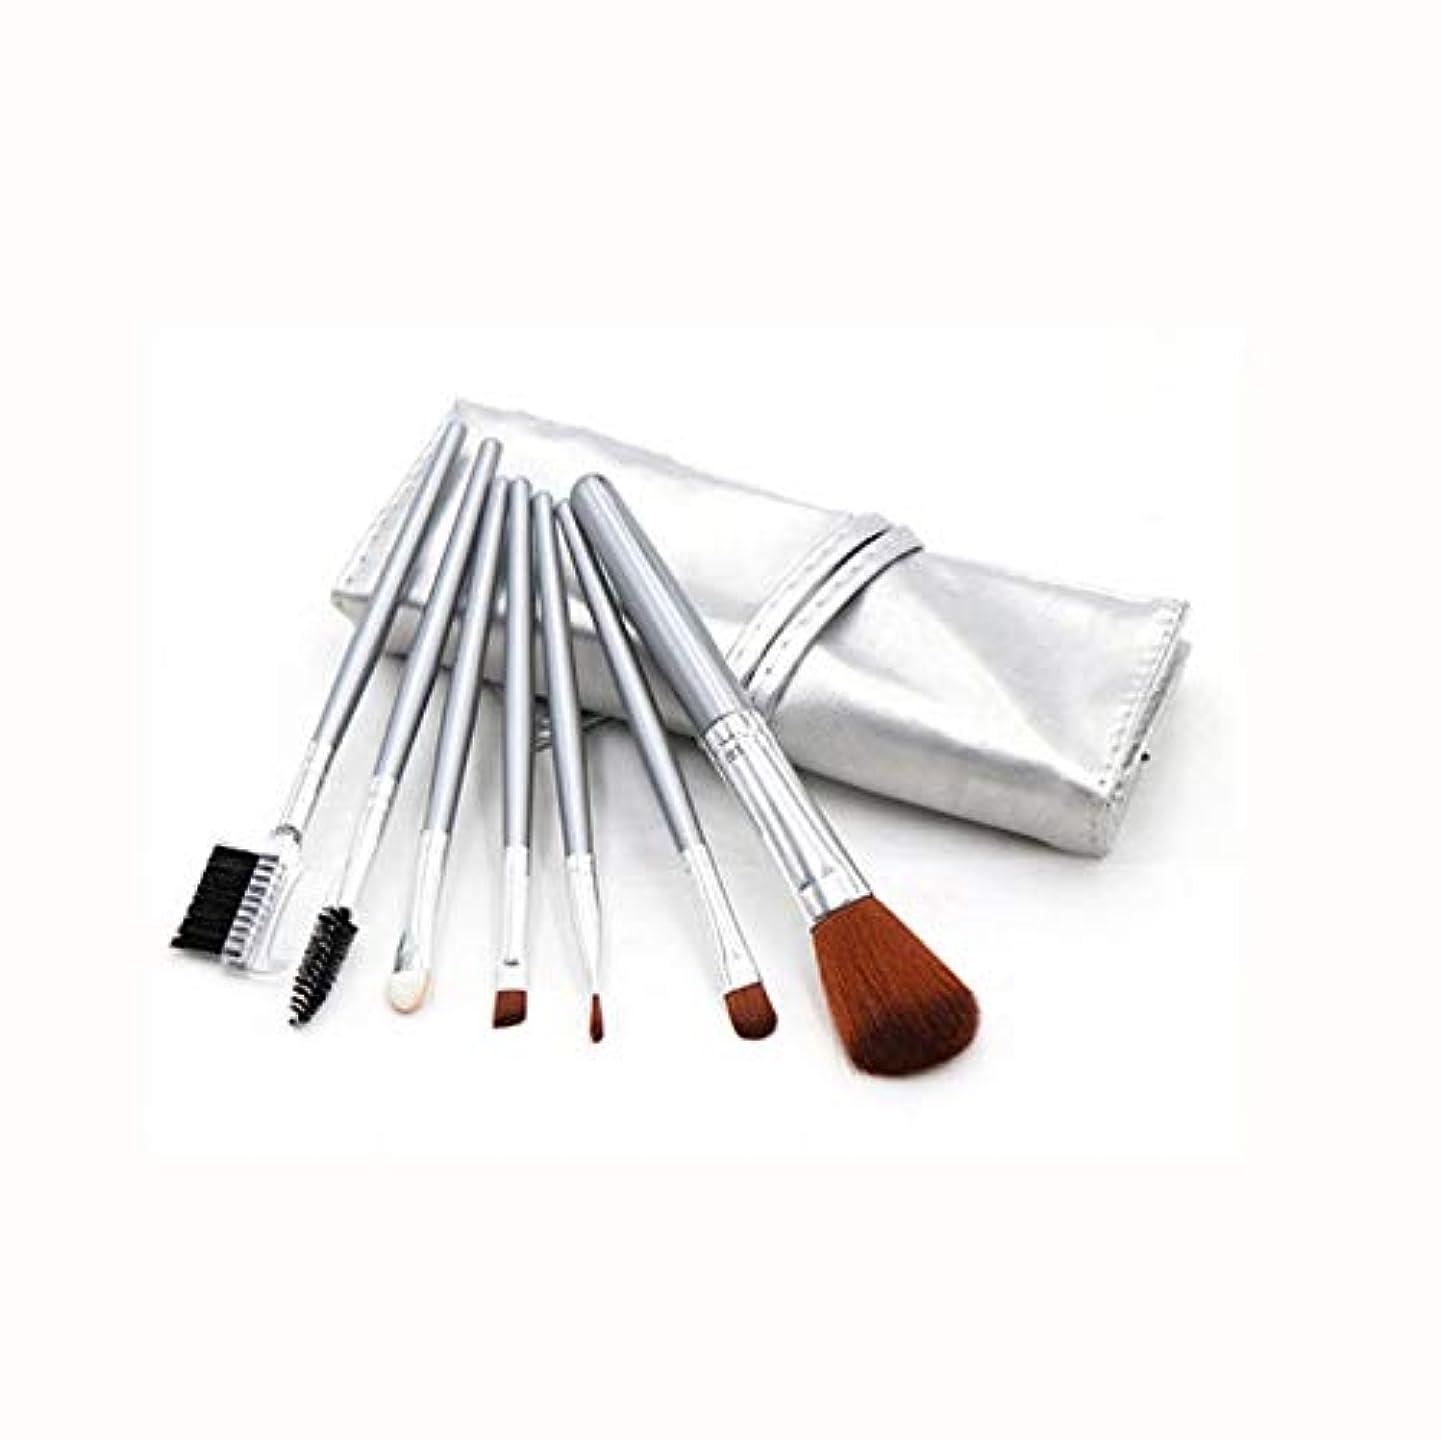 回復する再生薄い化粧ブラシセット、シルバー7化粧ブラシ化粧ブラシセットアイシャドウブラシリップブラシ美容化粧道具